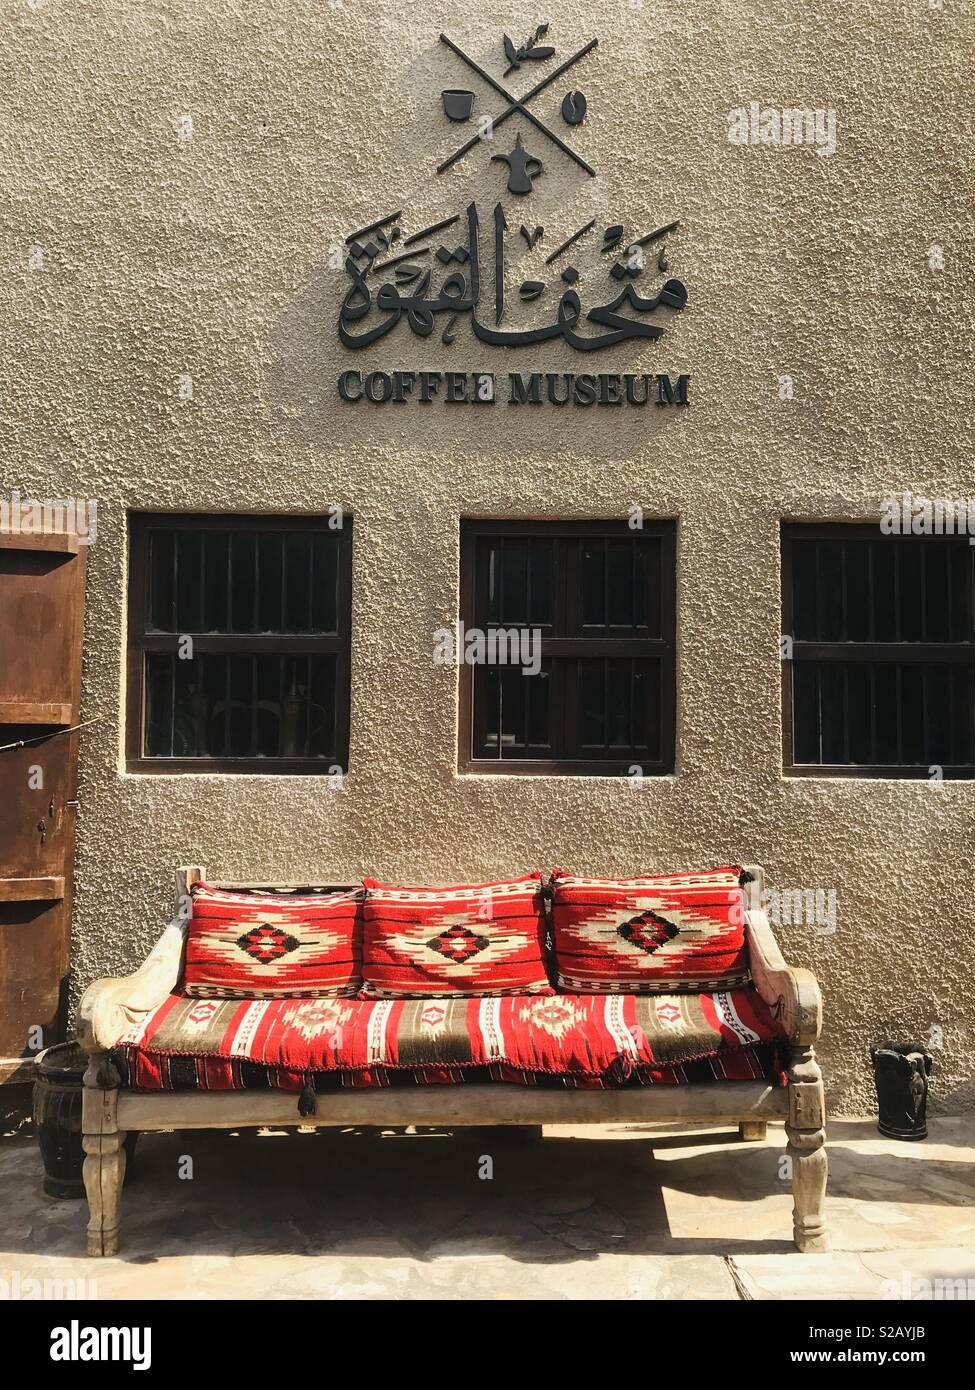 Kaffee Museum zurück Straßen von Dubai Stockbild